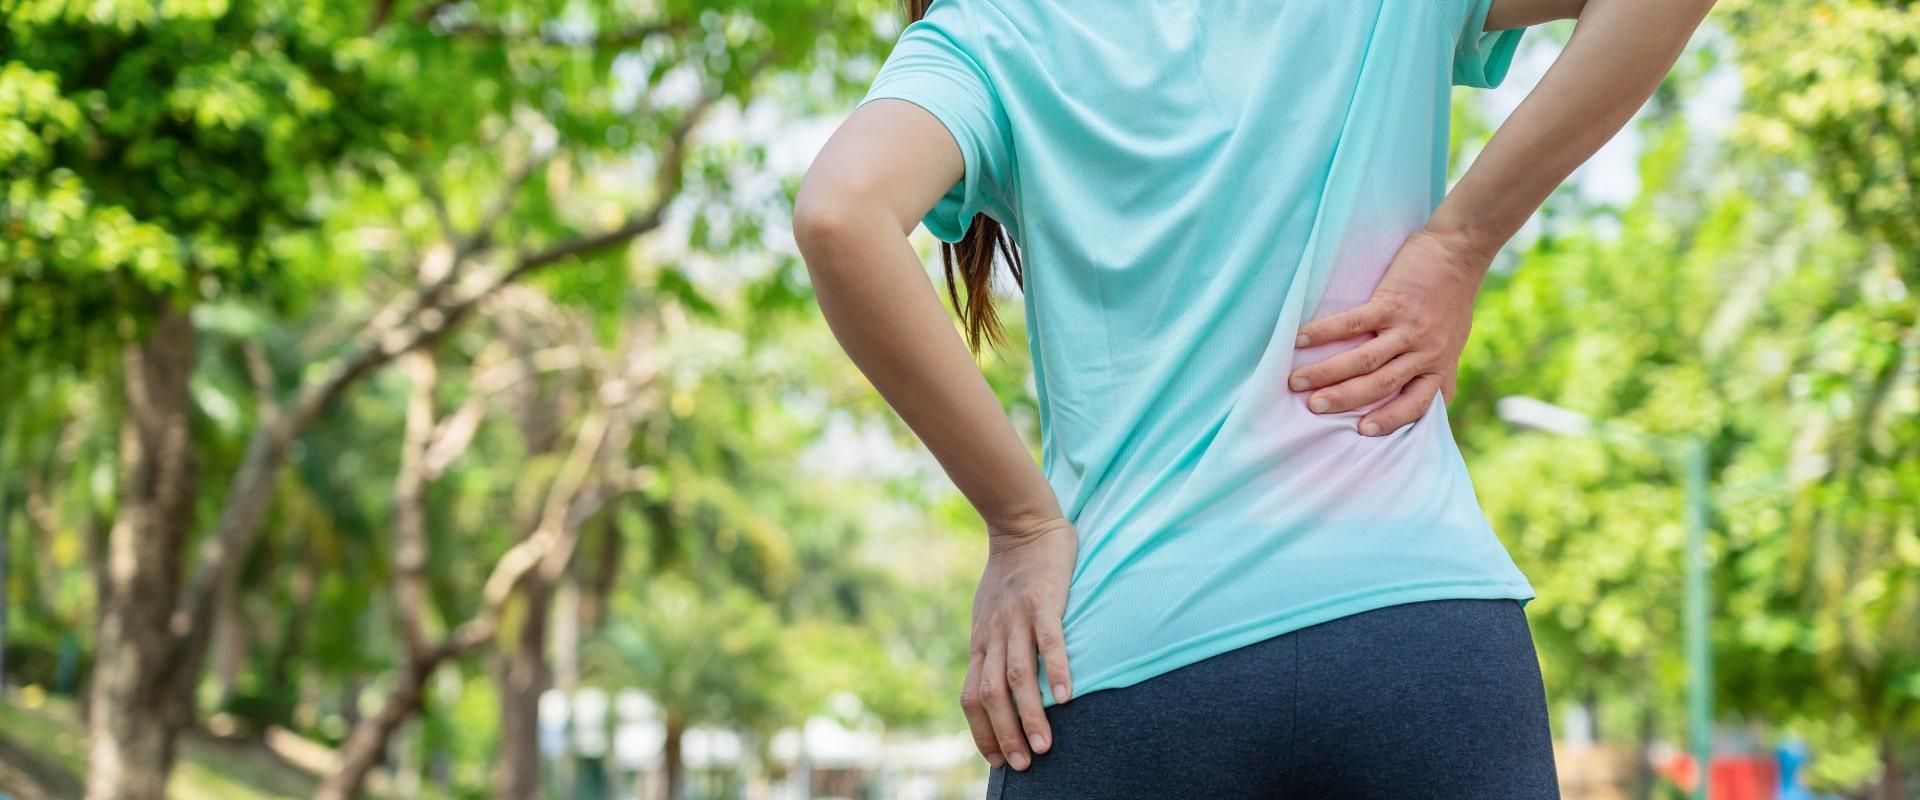 Confira 9 perguntas e respostas sobre dor ciática e saiba como prevenir esse incômodo